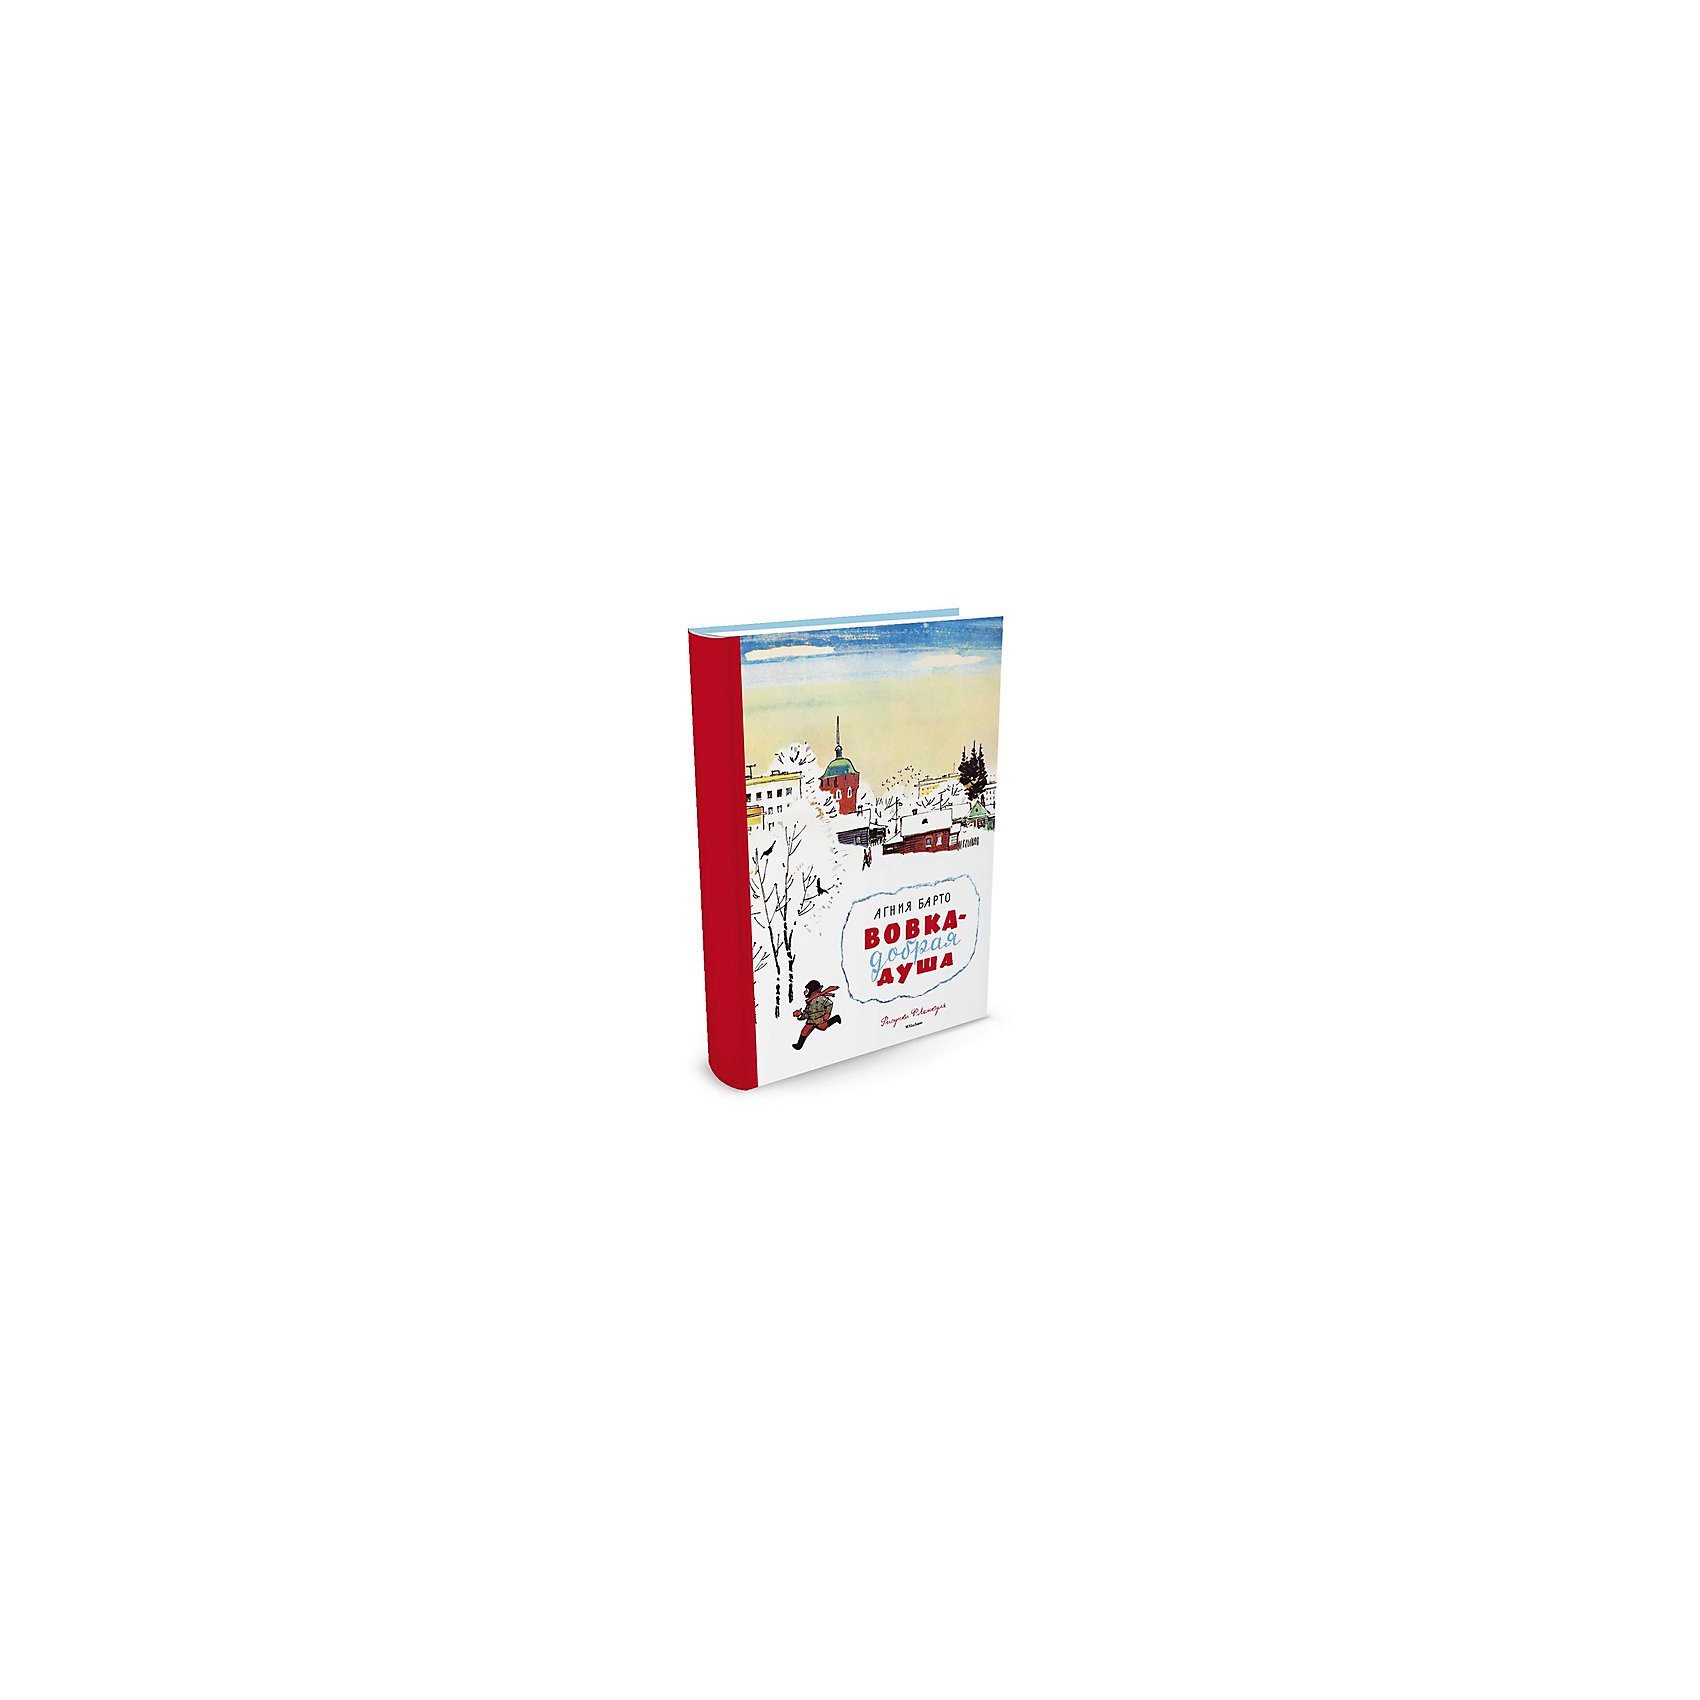 Вовка - добрая душа, А.Л. Барто, MACHAONСтихи<br>Стихи Вовка - добрая душа.<br><br>Характеристики:<br><br>• Для детей в возрасте: от 3 до 6 лет<br>• Автор: Агния Барто<br>• Художник: Федор Лемкуль<br>• Издательство: Азбука-Аттикус, Махаон, 2016 год<br>• Тип обложки: 7Б - твердая (плотная бумага или картон)<br>• Оформление: с тканевым корешком<br>• Иллюстрации: цветные<br>• Количество страниц: 38 (офсет)<br>• Размер: 262х203х7 мм.<br>• Вес: 342 гр.<br>• ISBN: 9785389111332<br><br>Имя Агнии Львовны Барто в нашей стране известно всем и каждому, ведь на её стихах воспитано не одно поколение детей. Их с удовольствием читают и сегодня. Может, потому, что они обладают удивительным магнетизмом, а может, потому, что в них чувствуется связь поколений. Впрочем, по словам самой поэтессы, «стихам не положено устаревать». Цикл «Вовка – добрая душа» был написан в 1963 году. Простые и незамысловатые и в то же время необыкновенно добрые, стихи эти как напоминание о старой Москве, об извечных детских играх и забавах. Книга ценна ещё и тем, что нарисовал её первоклассный художник Фёдор Лемкуль.<br><br>Книгу Стихи Вовка - добрая душа можно купить в нашем интернет-магазине.<br><br>Ширина мм: 262<br>Глубина мм: 203<br>Высота мм: 70<br>Вес г: 342<br>Возраст от месяцев: 36<br>Возраст до месяцев: 72<br>Пол: Унисекс<br>Возраст: Детский<br>SKU: 5493435